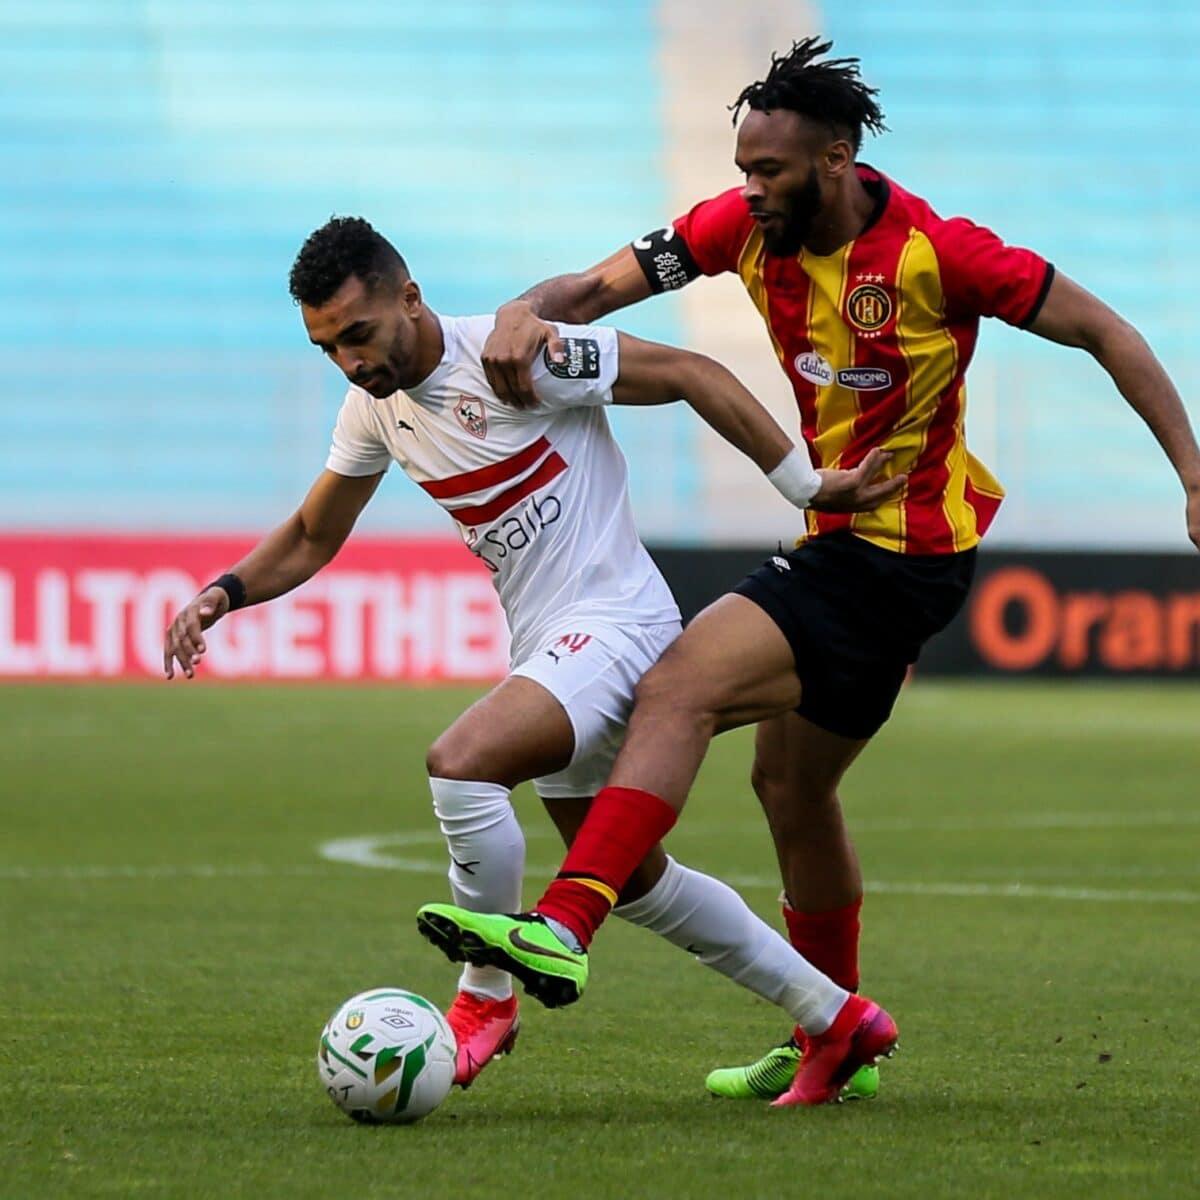 الترجي التونسي يقسو على الزمالك في دوري أبطال أفريقيا